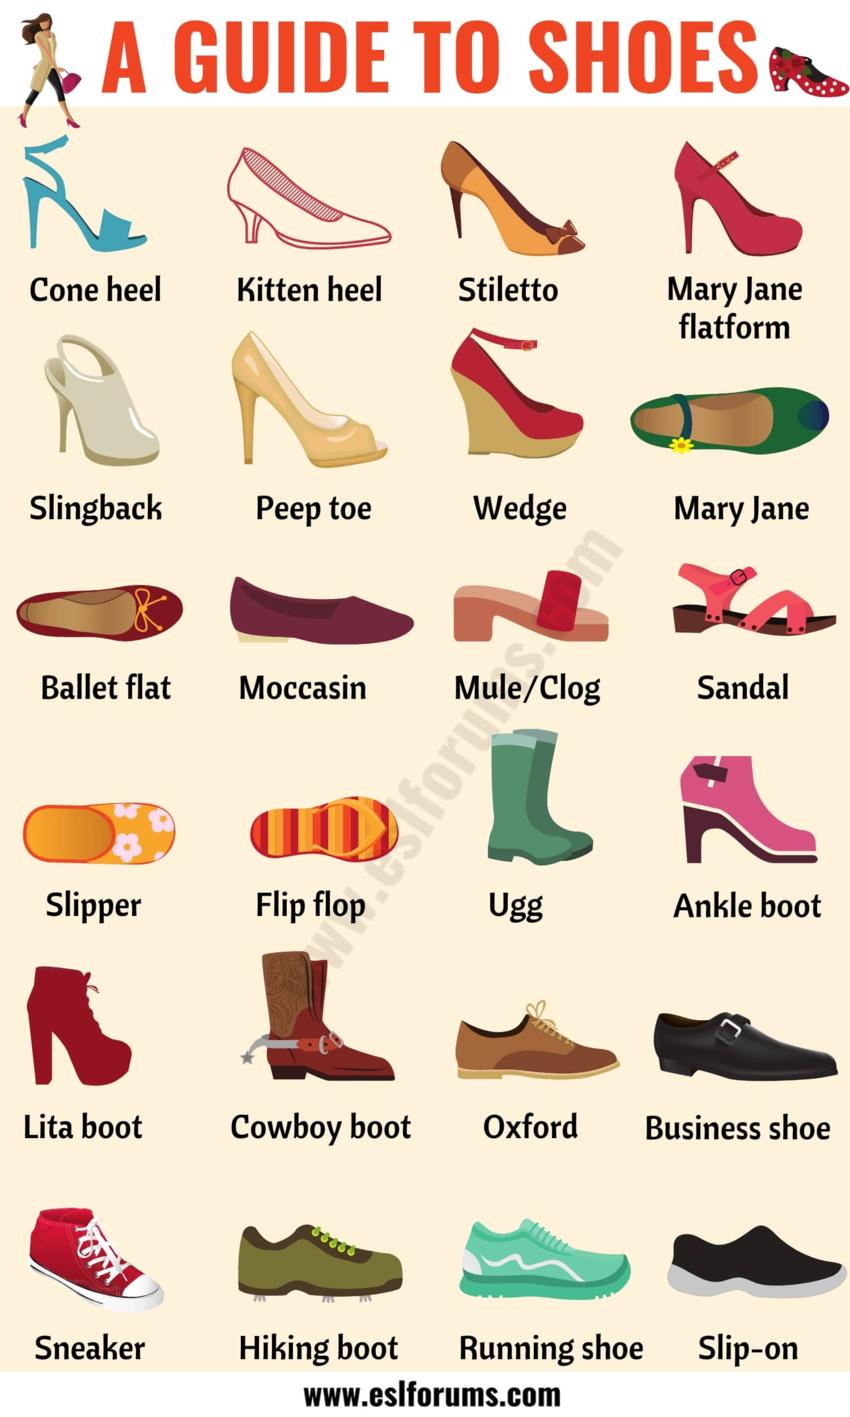 あなたの靴私の靴